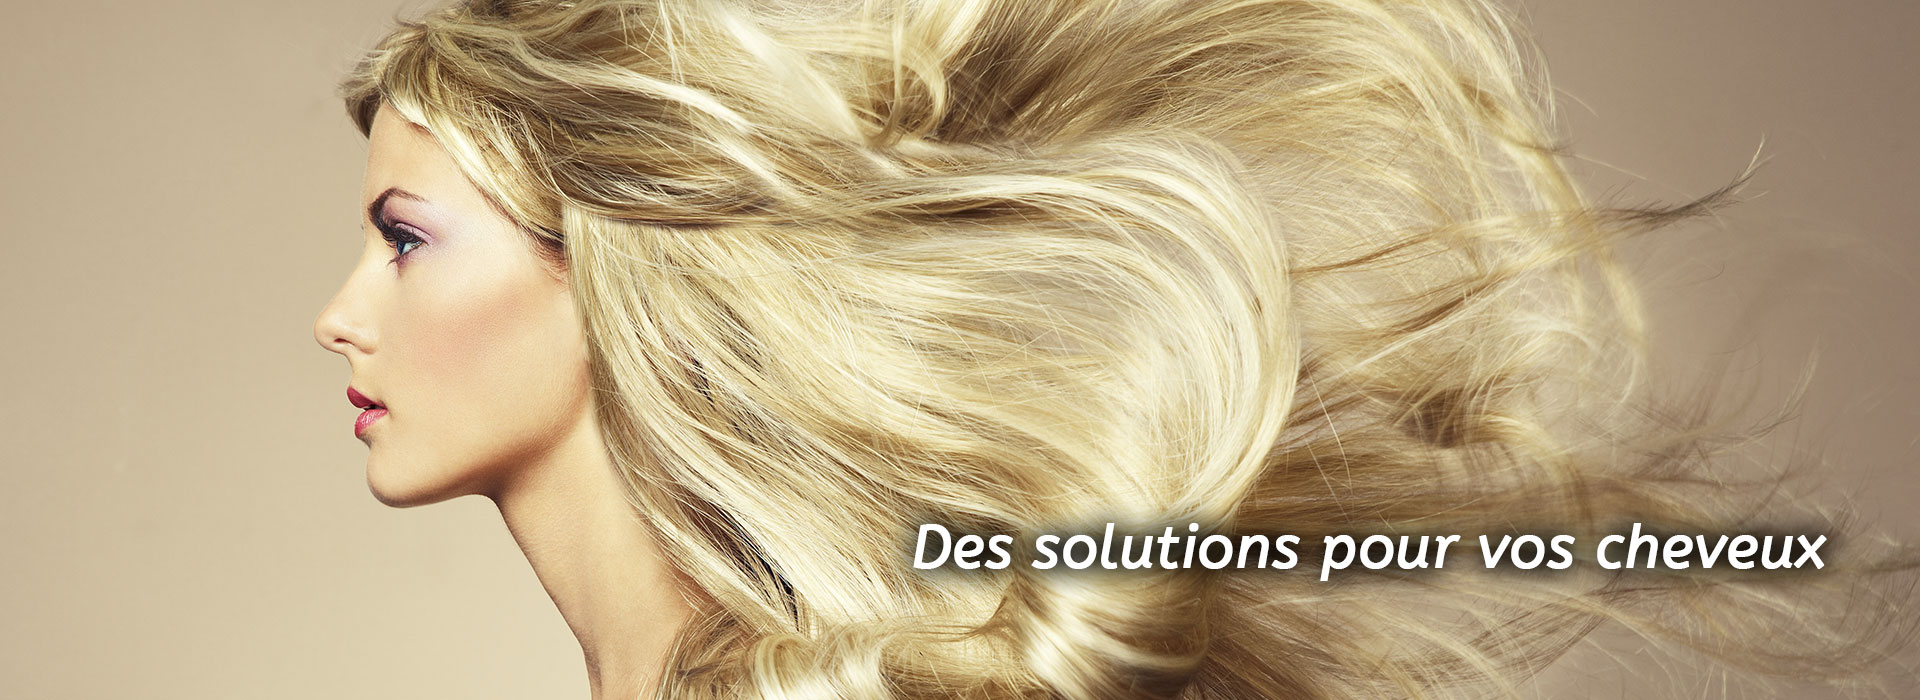 Des solutions pour vos cheveux